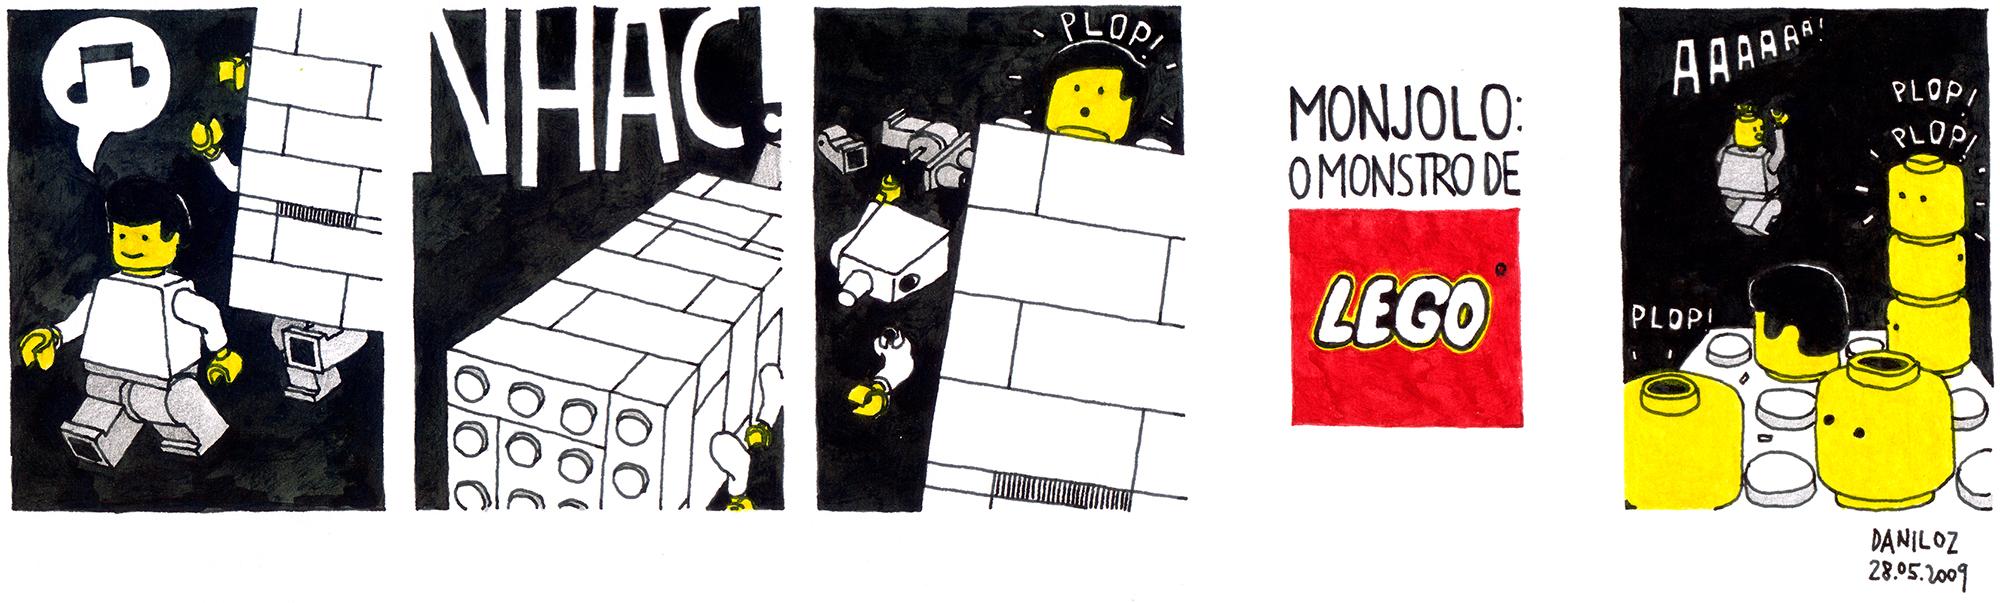 o-monstro-do-lego-daniloz